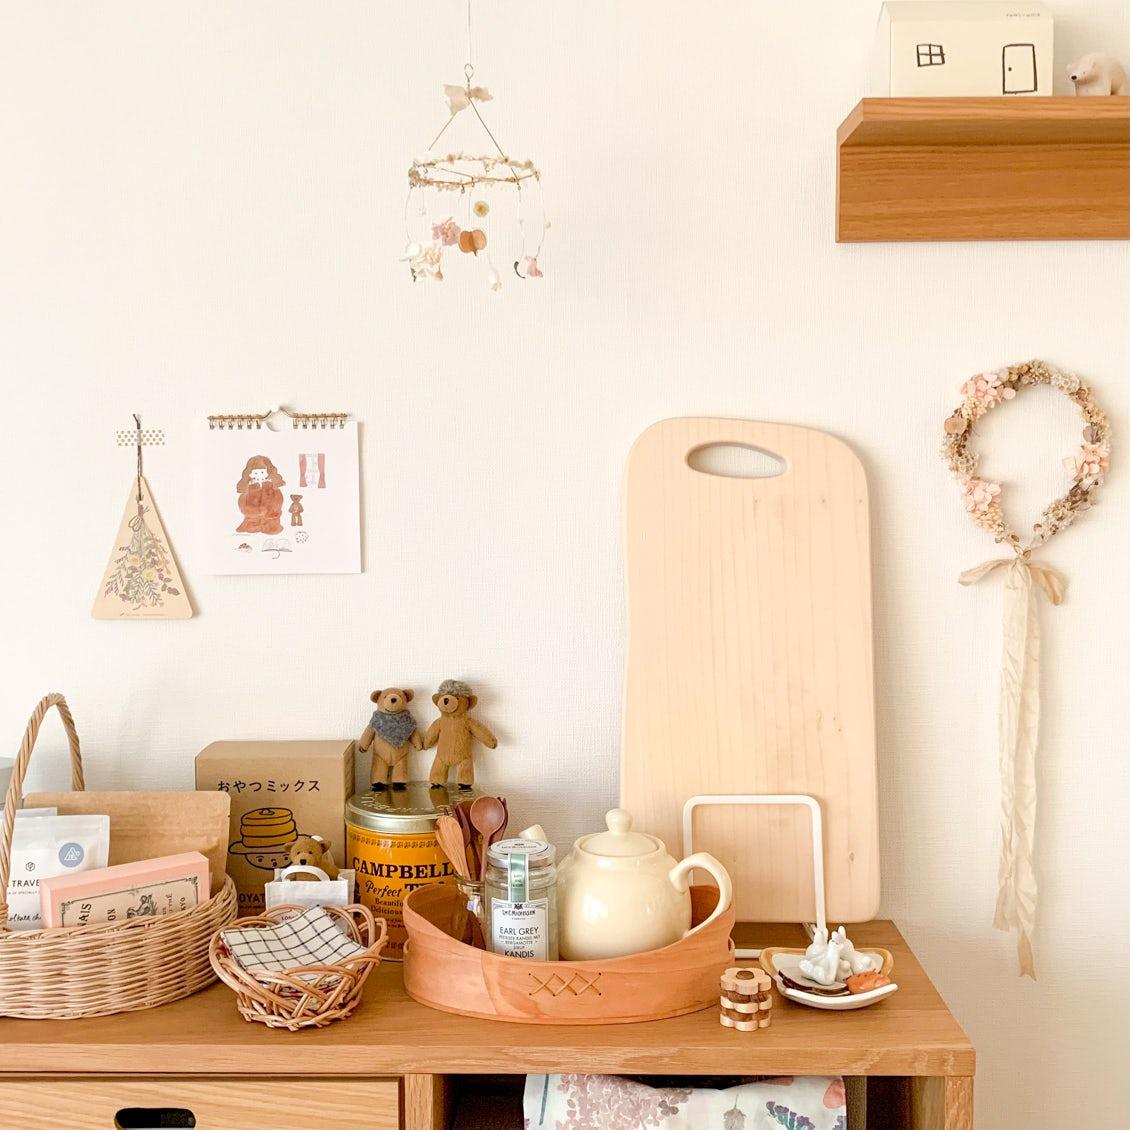 【スタッフの愛用品】憧れの「木のまな板」を味方につけたら、毎日の暮らしが楽しくなりました。